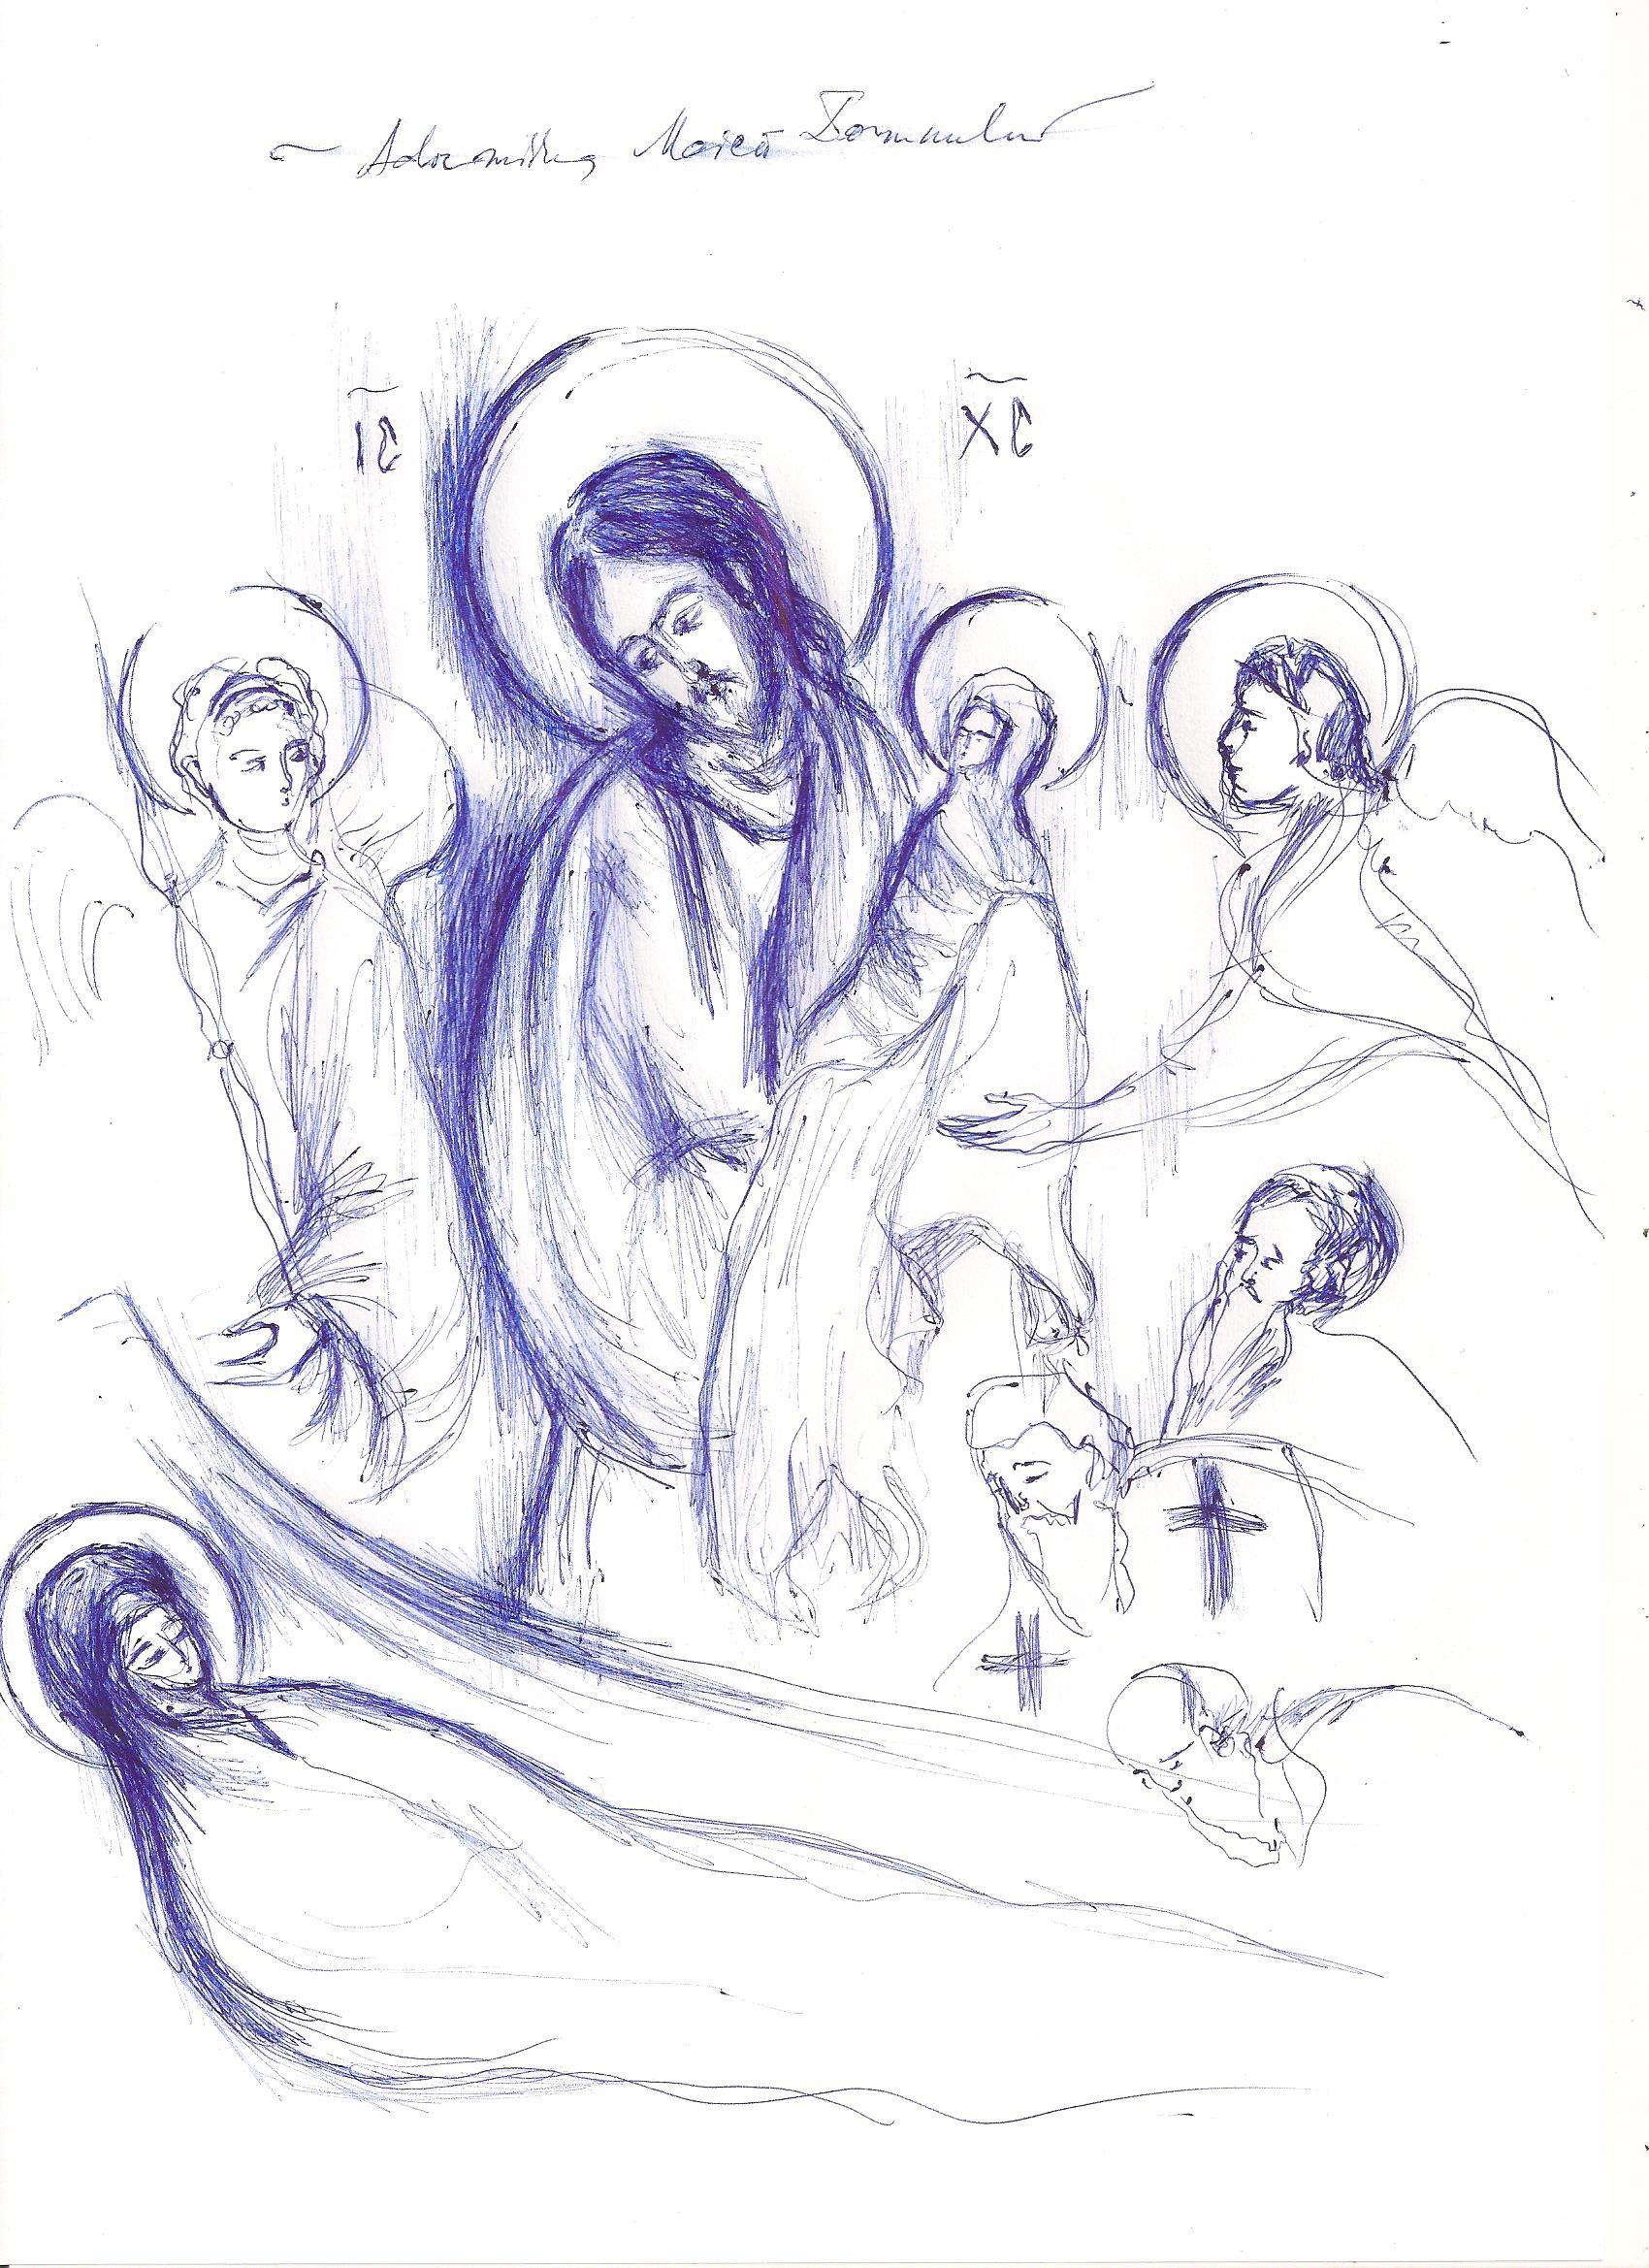 """MAICA DOMNULUI, IZVORUL PACII SI AL BUCURIEI NOASTRE. Slujbele hramului Manastirii Putna si marturii ale credinciosilor (VIDEO). Predica Staretului TADEI la Adormirea Preasfintei Nascatoare de Dumnezeu: <i>""""Ori de câte ori o căutăm din inimă pe Preasfânta Maică, ea este nelipsită. Ori de câte ori cădem către ea din inimă, ne este aproape ca să ne ajute. Ea este neîncetat și necontenit cu noi – dar noi o uităm""""</i>"""